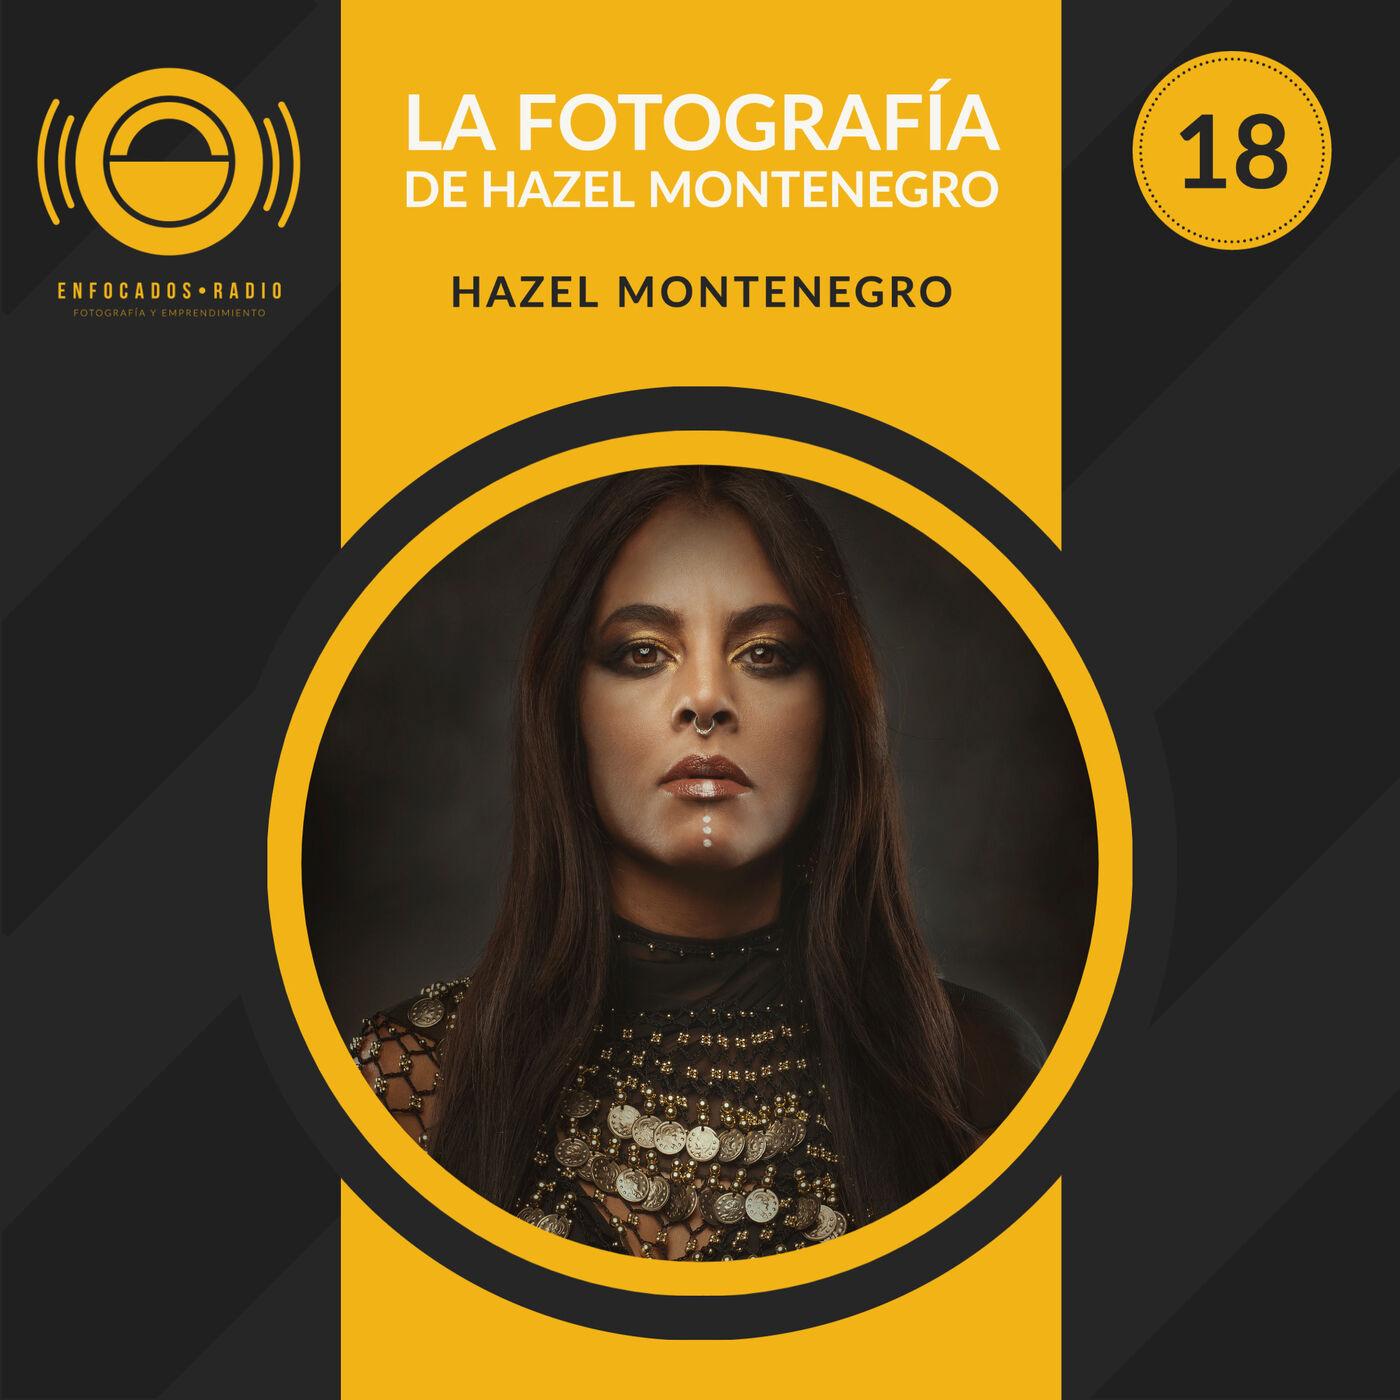 EP018: La fotografía de Hazel Montenegro